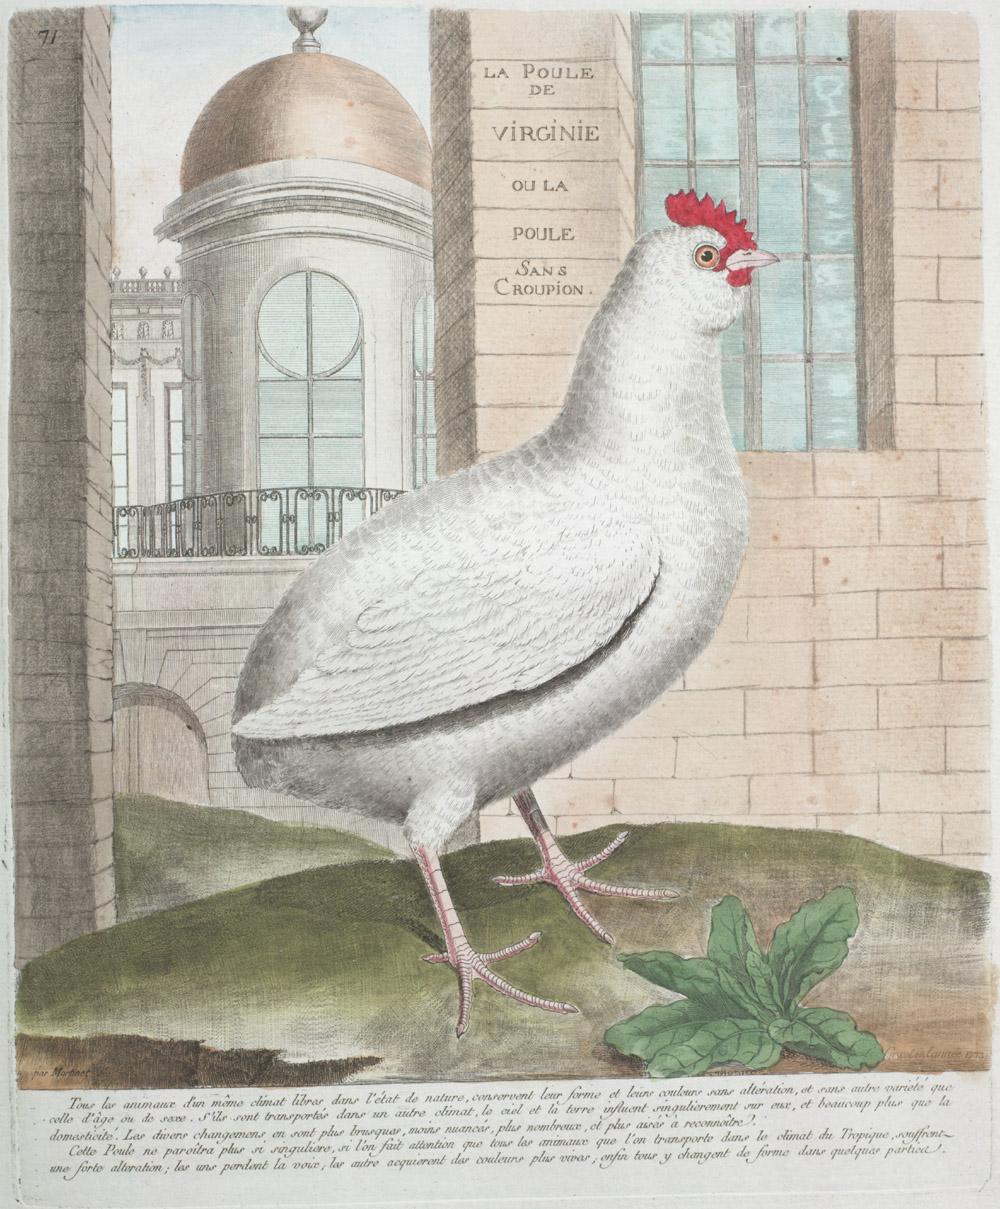 Plate 71: La Poule de Virginie ou la Poule Sans Croupion,  Image number:SIL13-1-147b